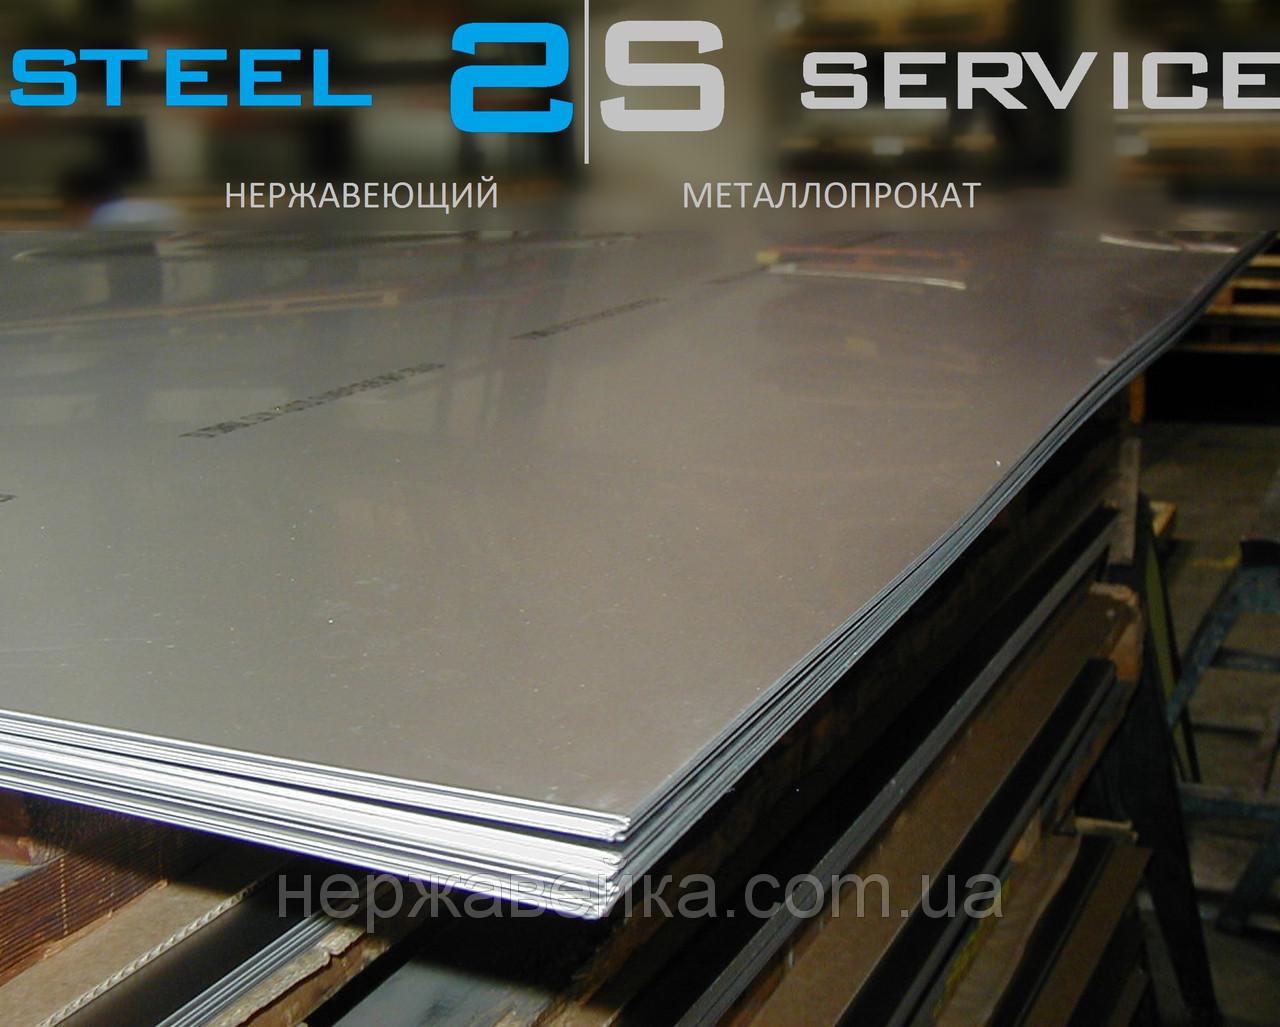 Нержавеющий лист 1х1250х2500мм  AISI 304(08Х18Н10) 4N - шлифованный,  пищевой